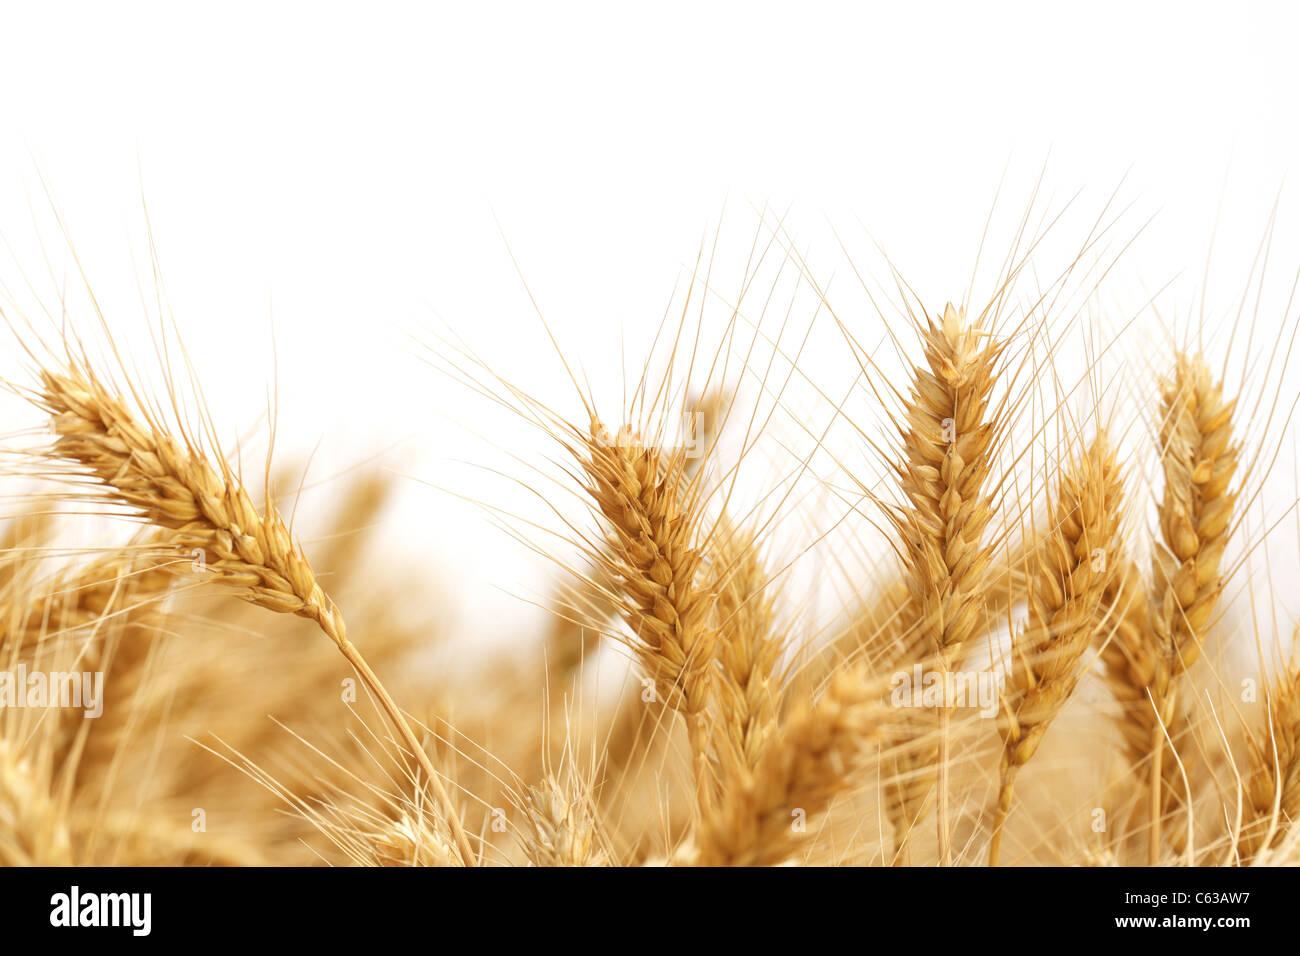 Spighe di grano isolato su bianco. Immagini Stock